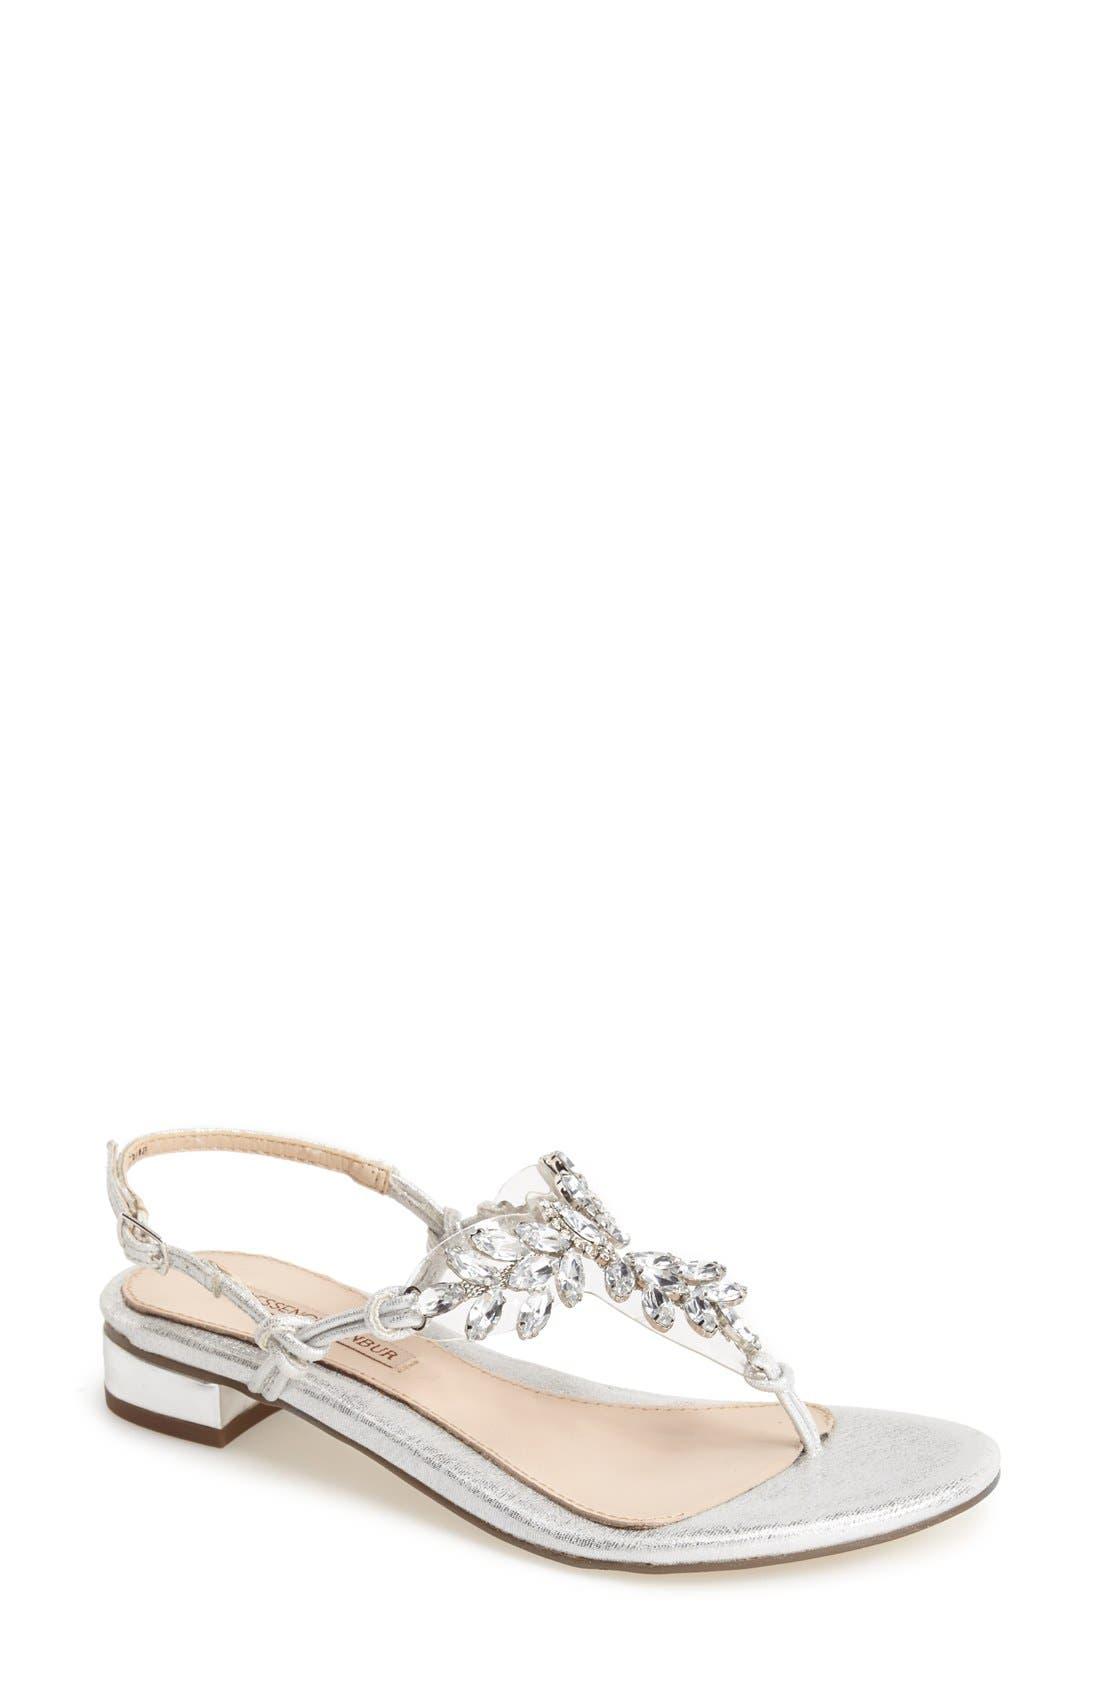 MENBUR 'Delia' Crystal Thong Sandal